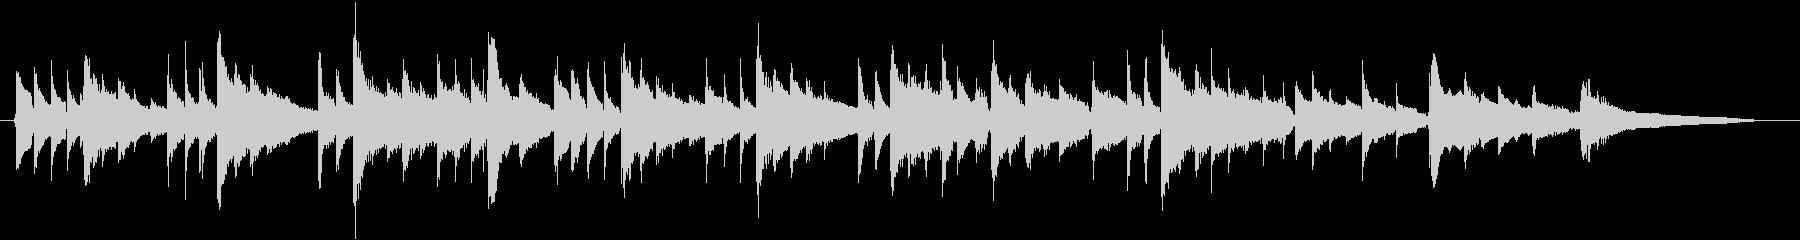 静かなアコースティックギターBGMの未再生の波形